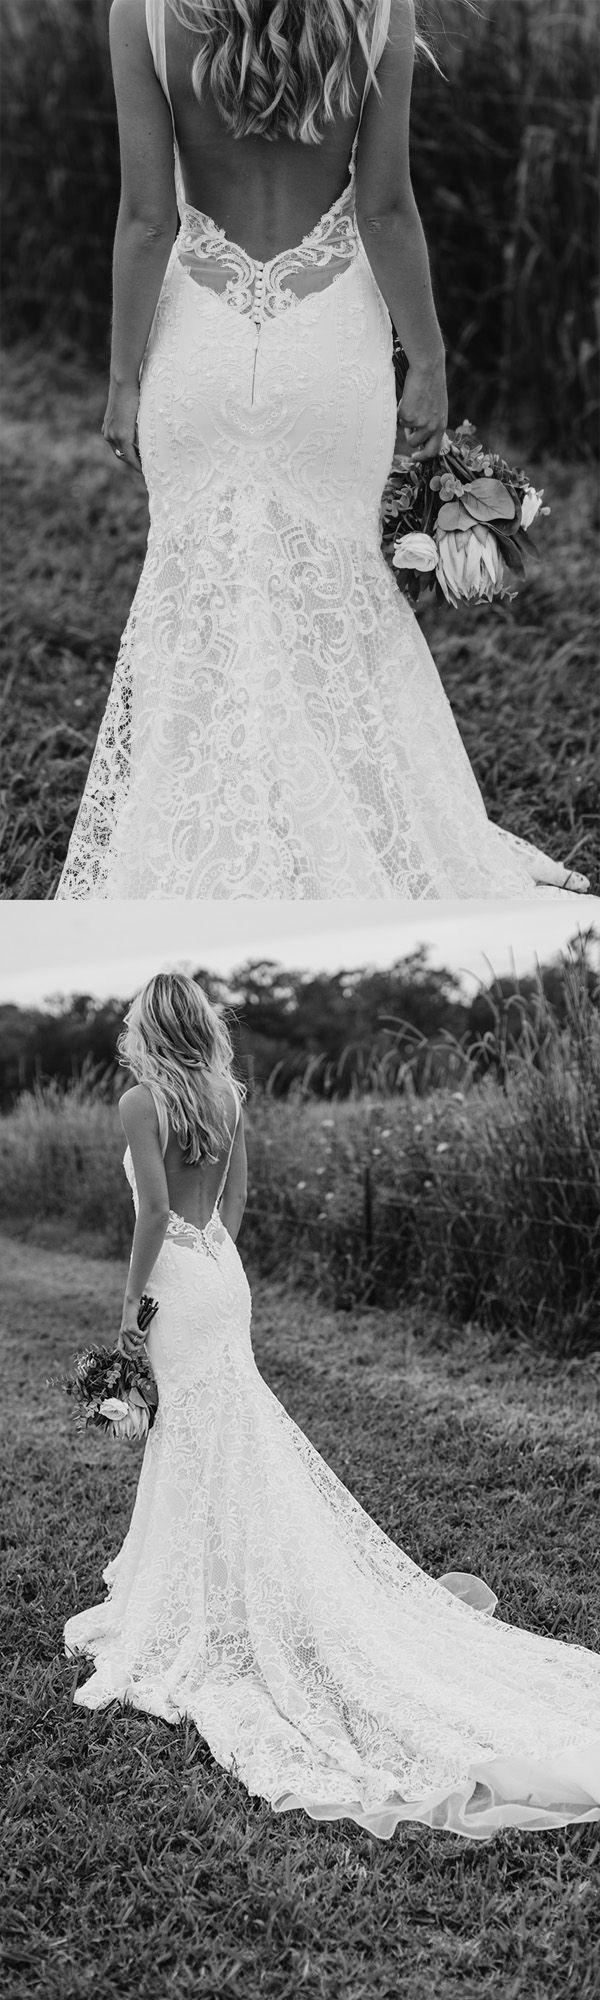 Pin von Brooke Leizear auf I\'m getting married!!!! | Pinterest ...